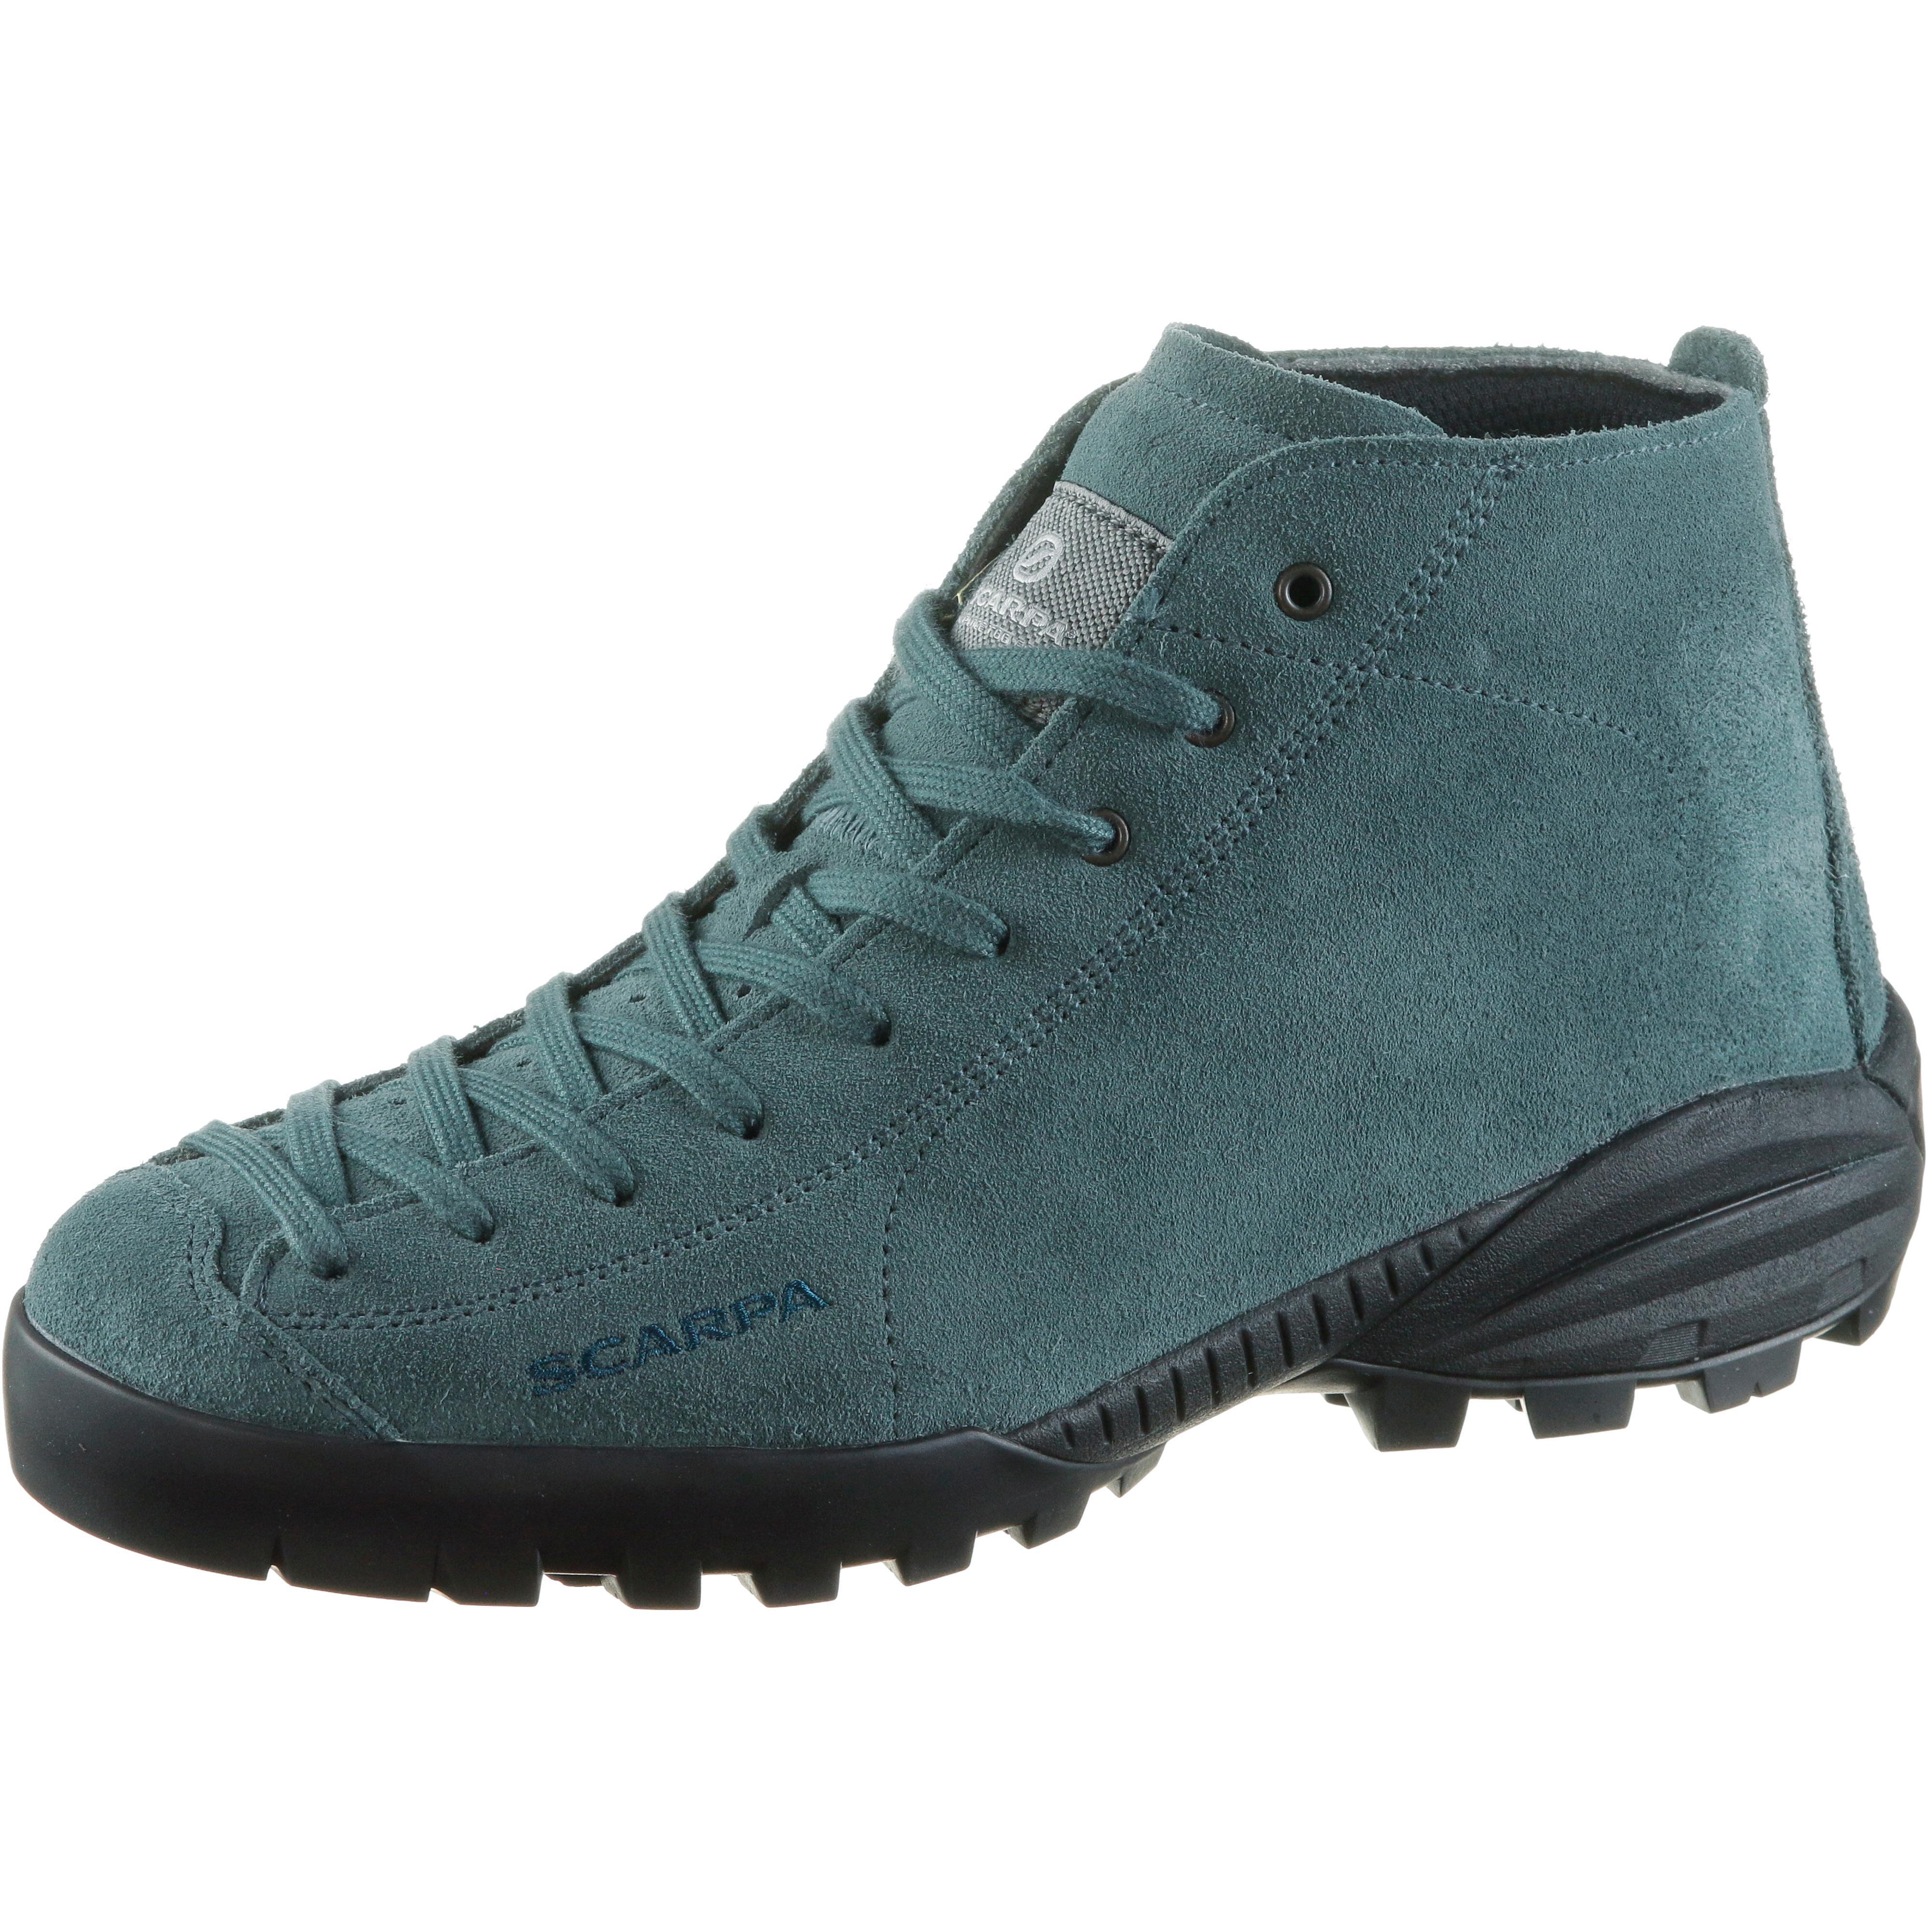 Scarpa Mojito City Mid Wool GTX Freizeitschuhe Damen nile Blau im Online Shop von SportScheck kaufen Gute Qualität beliebte Schuhe